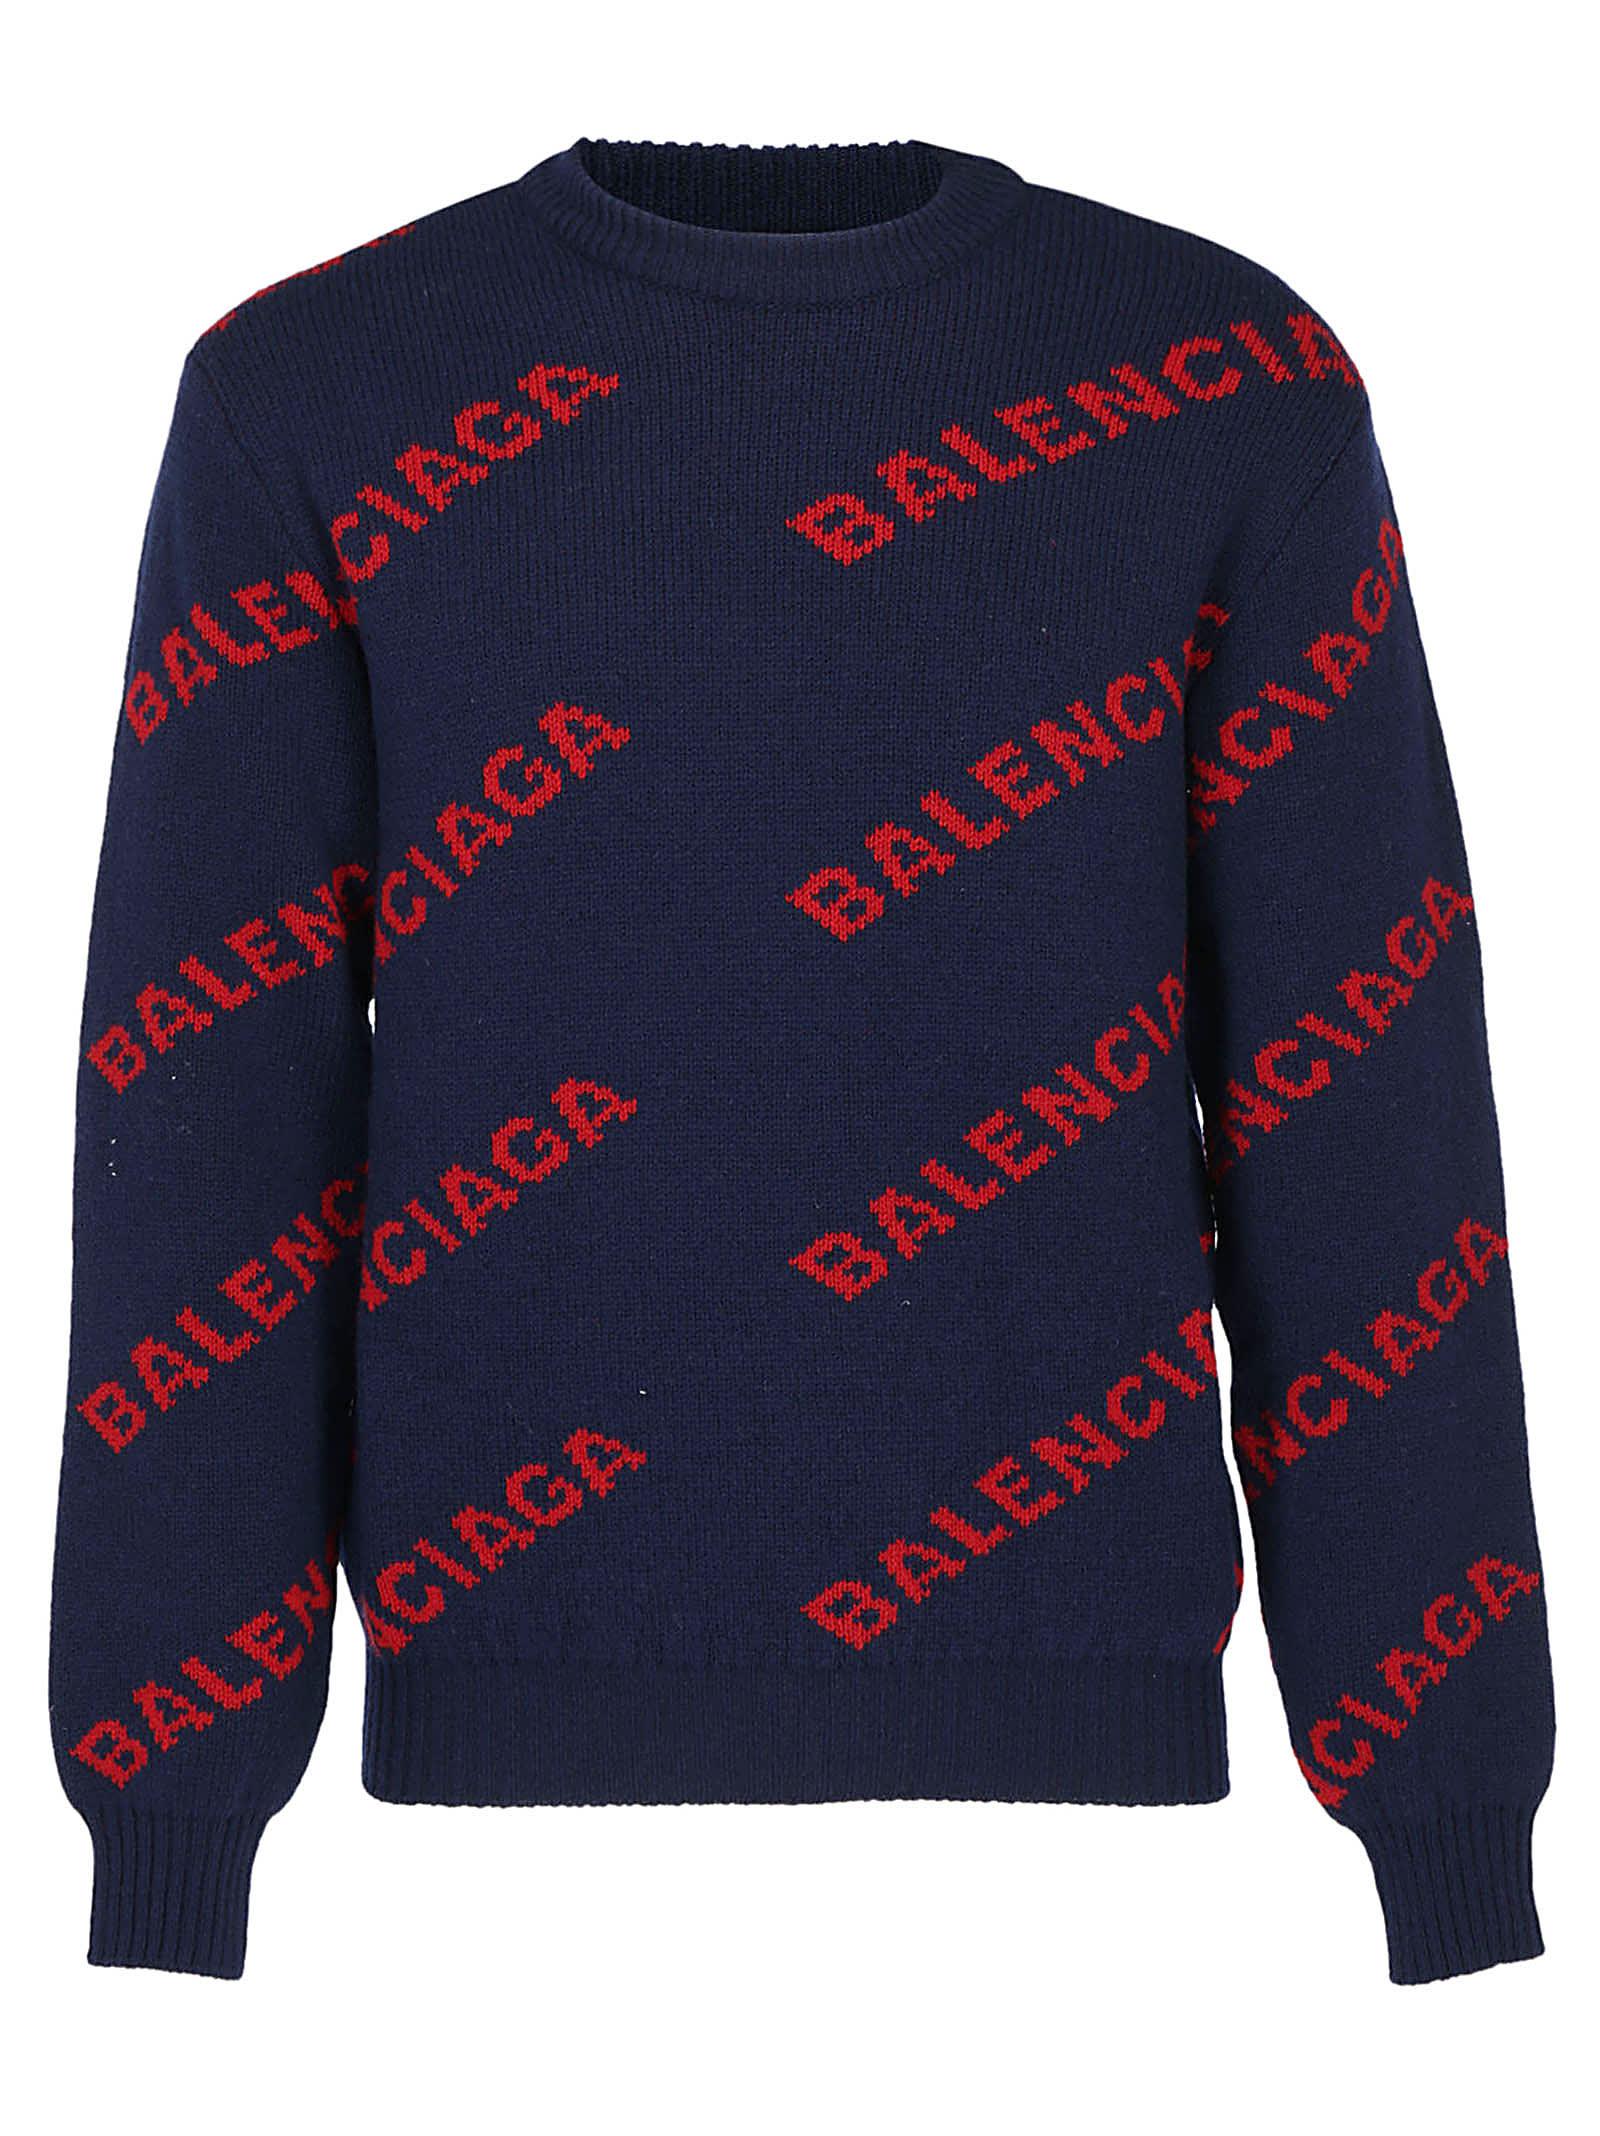 0e06eb40457 Balenciaga Logo Wool Knitwear